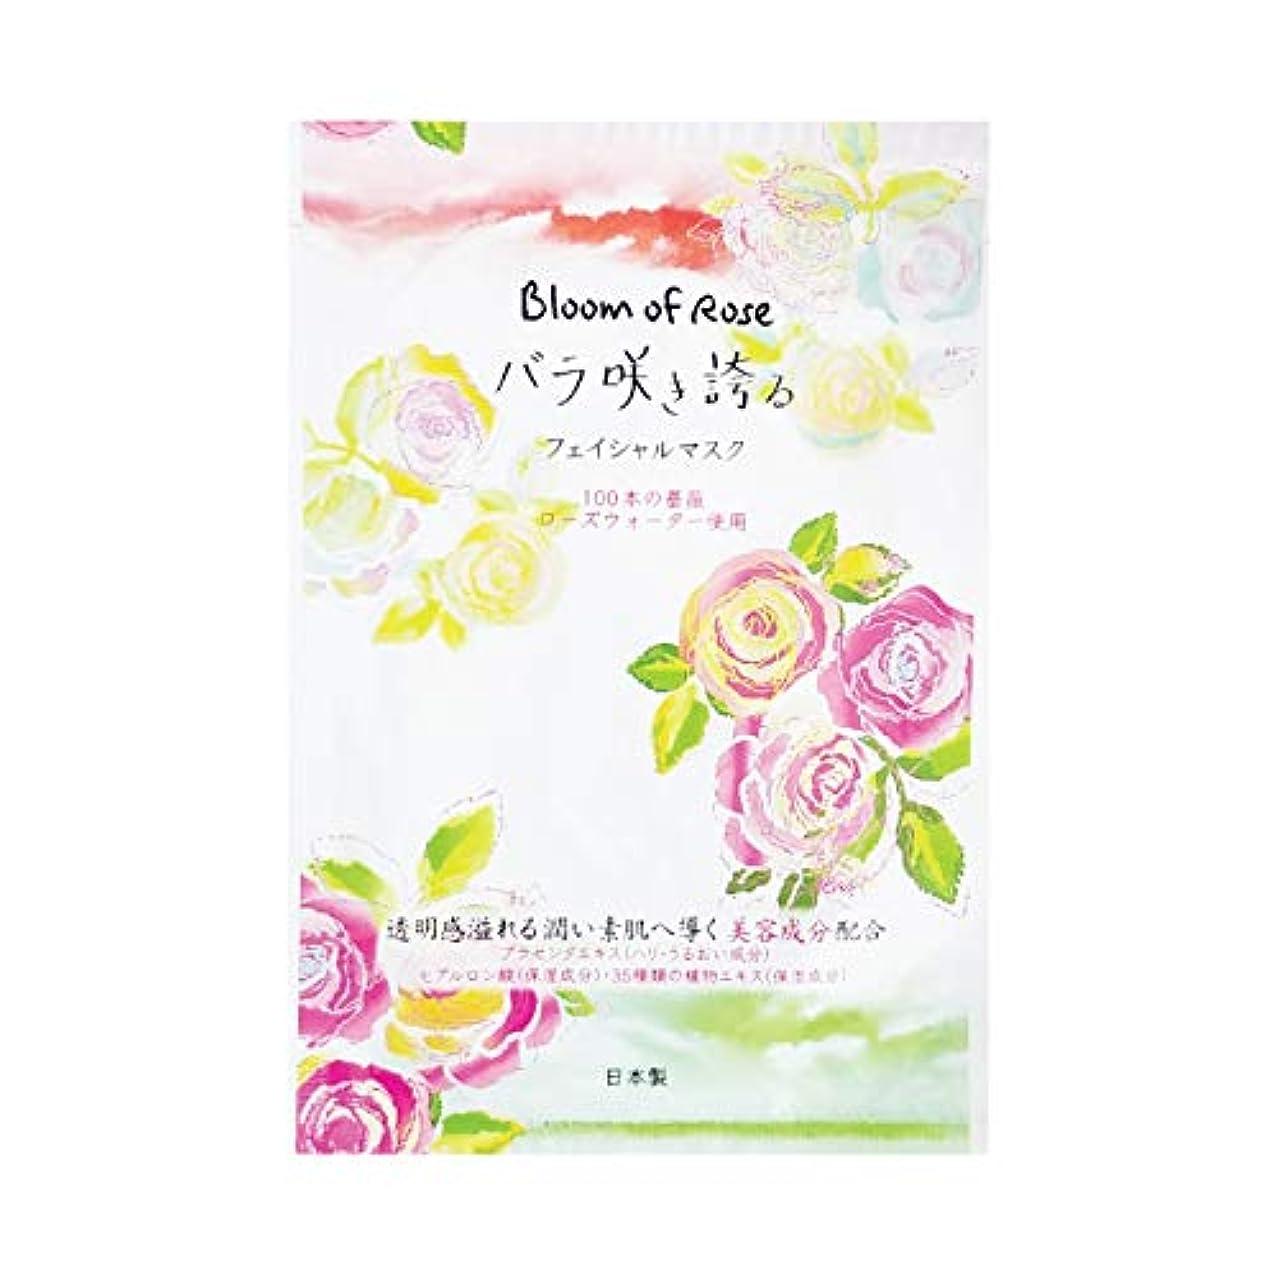 メディック持っている作物Bloom of Rose バラ咲き誇るフェイシャルマスク 30枚